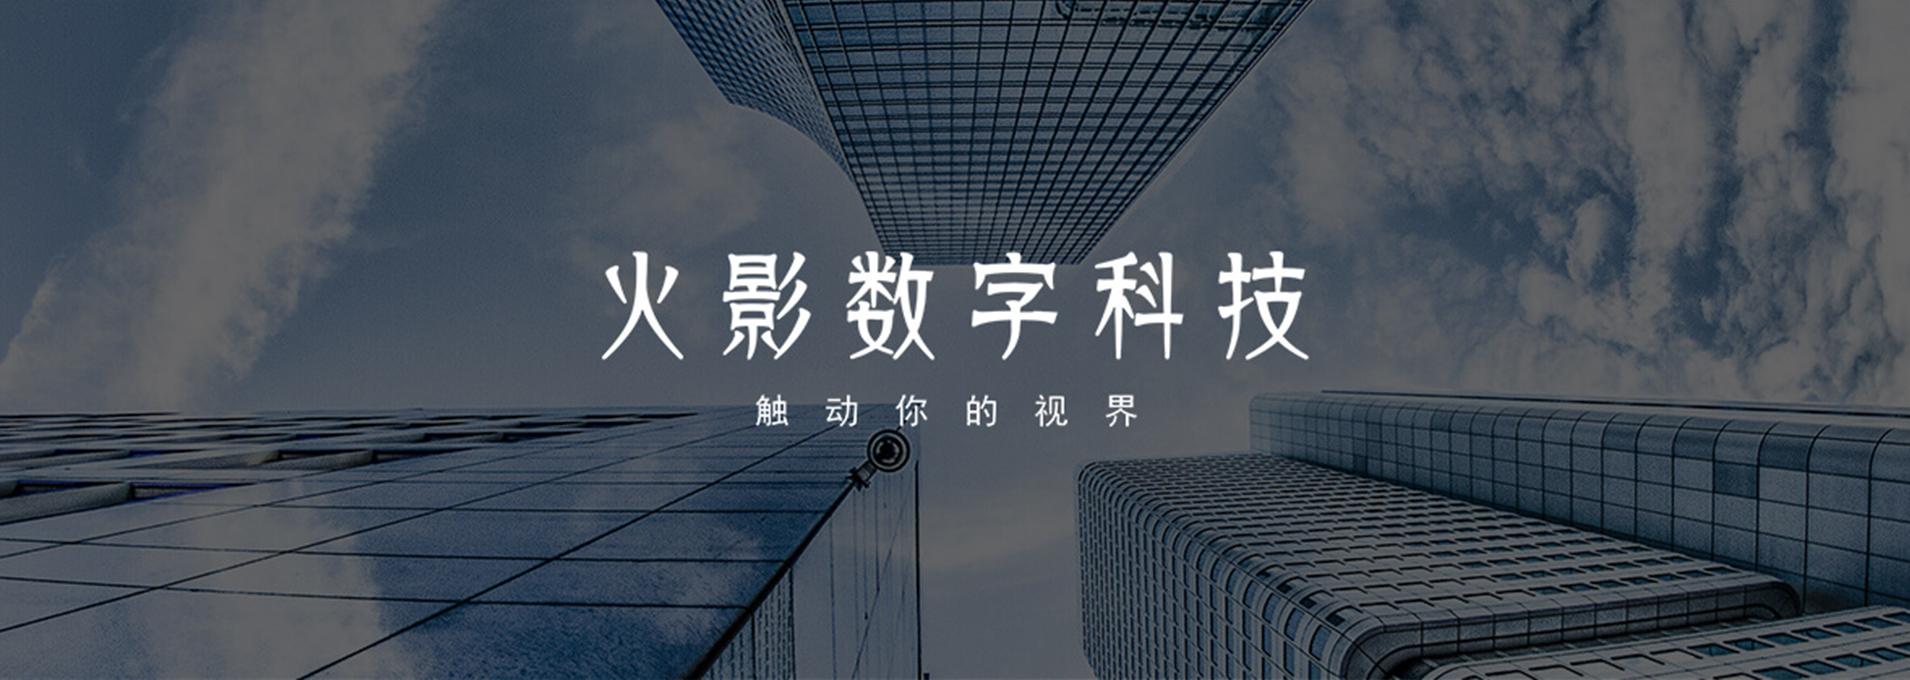 武汉火影数字科技有限公司